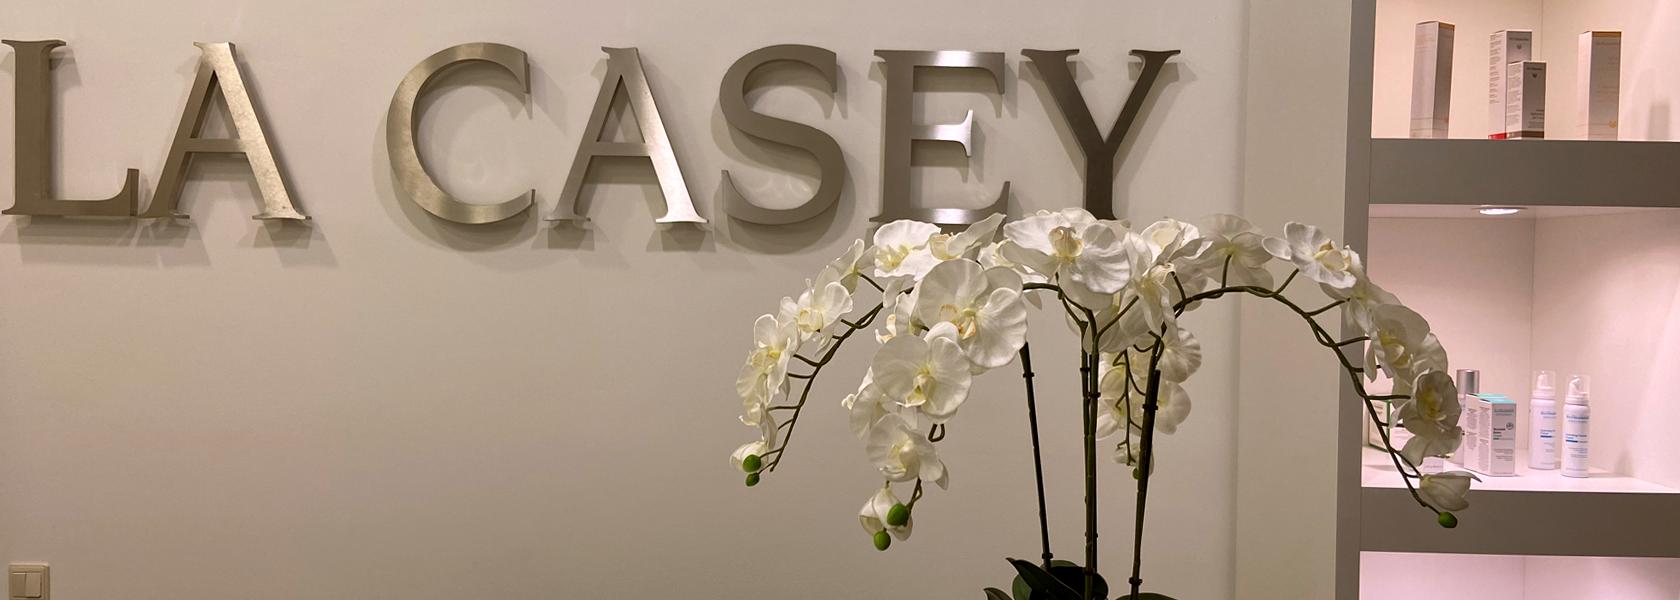 Tarieven schoonheidsbehandelingen - La Casey Laserkliniek